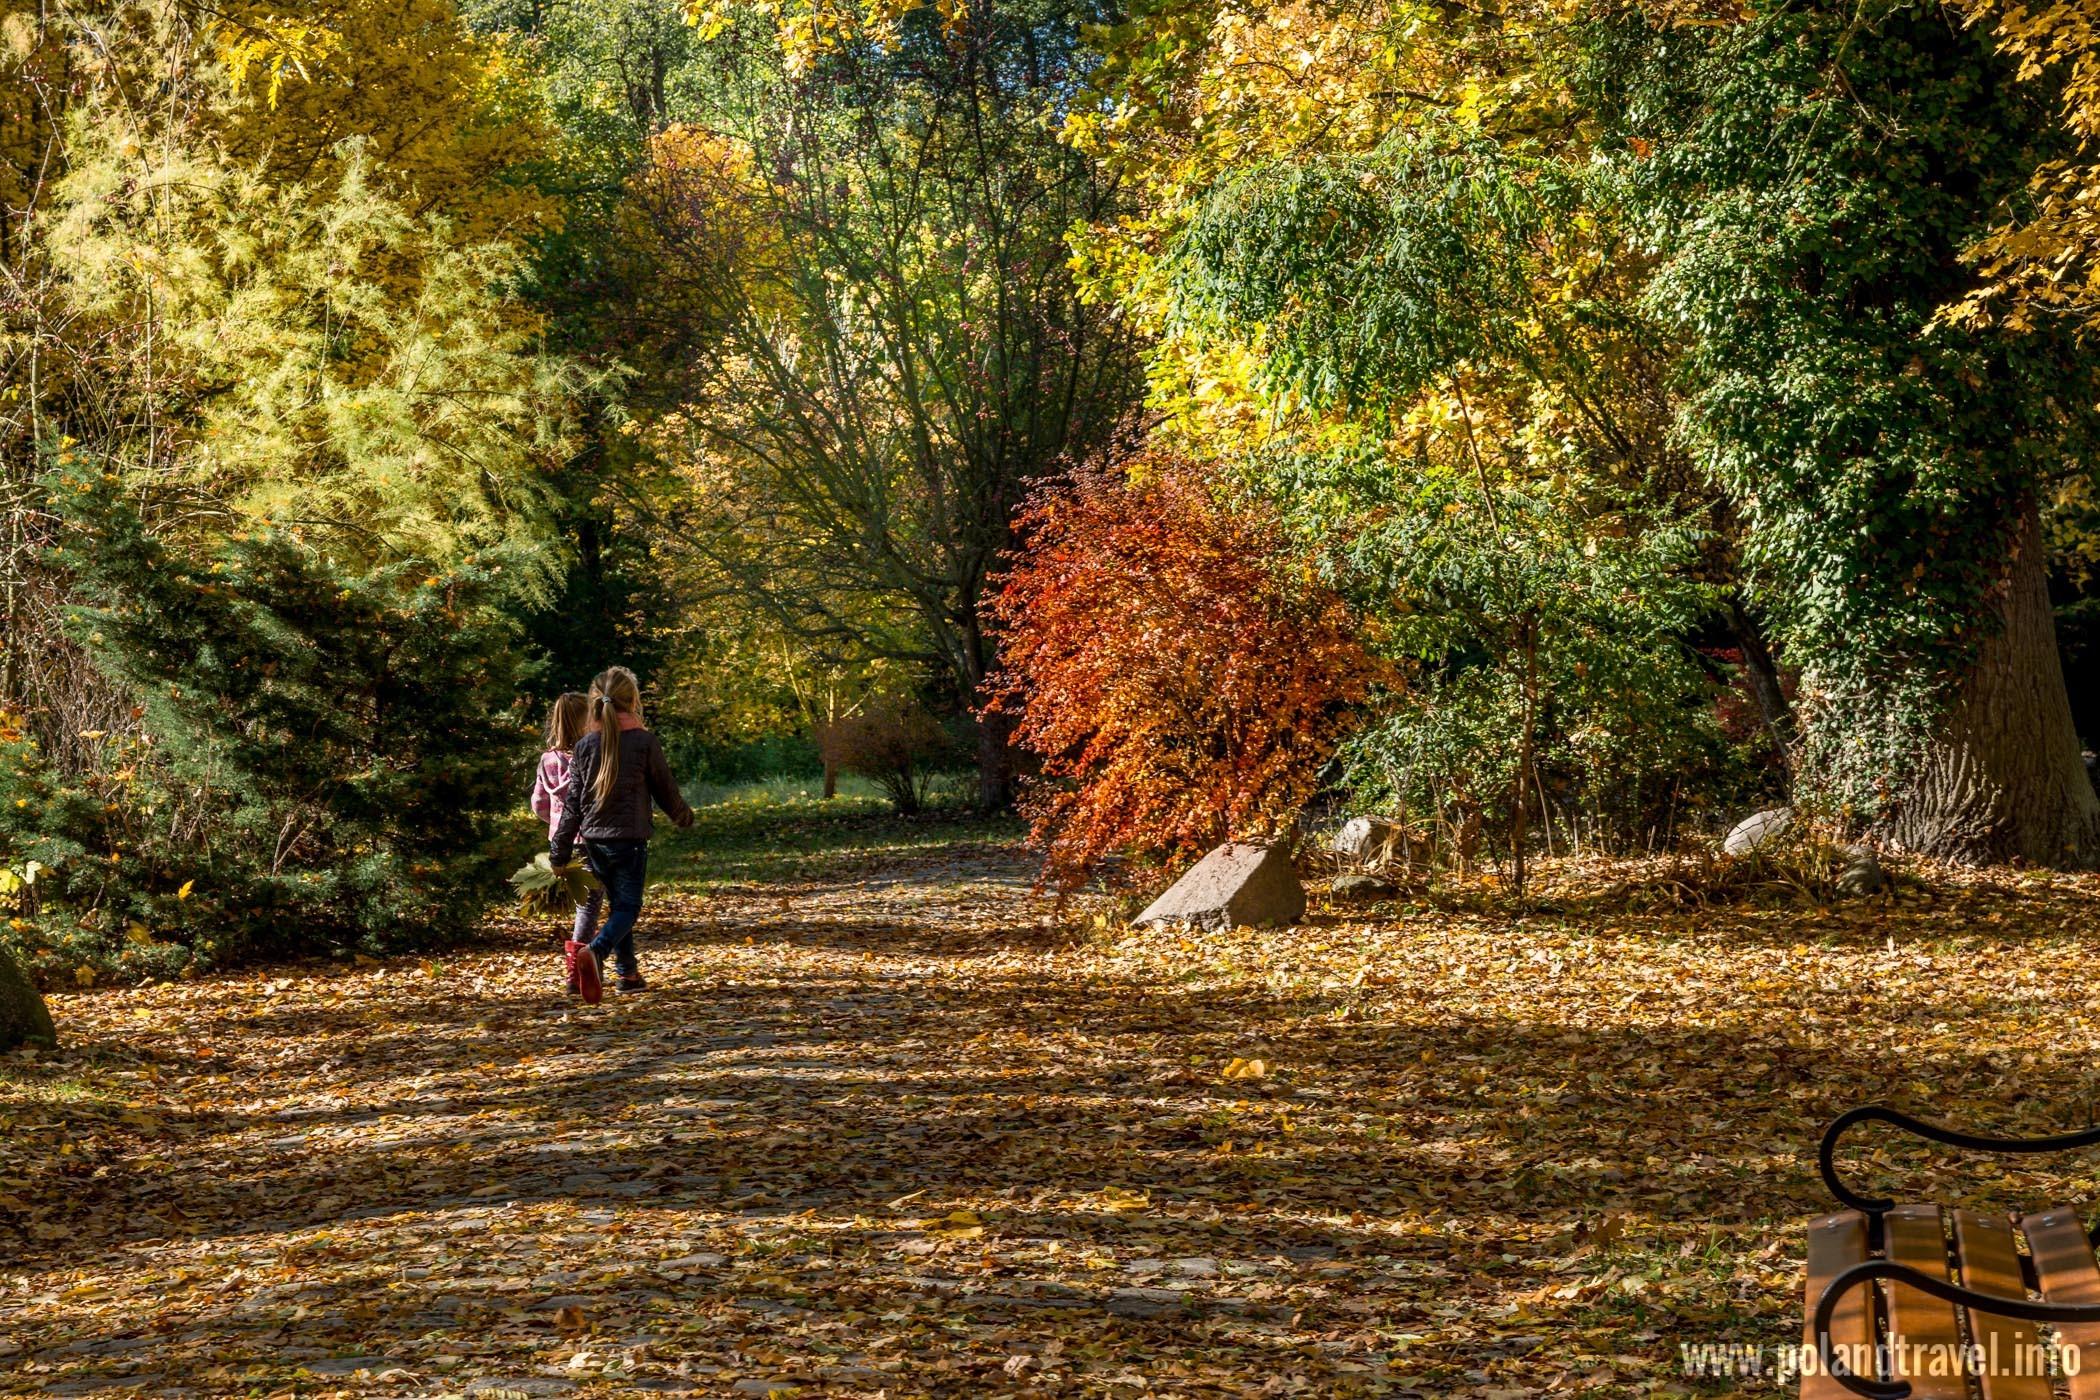 Zamek Wojnowice, podłoże usiane opadłymi liśćmi, kolorowe drzewa i krzewy dwie idące dziewczynki